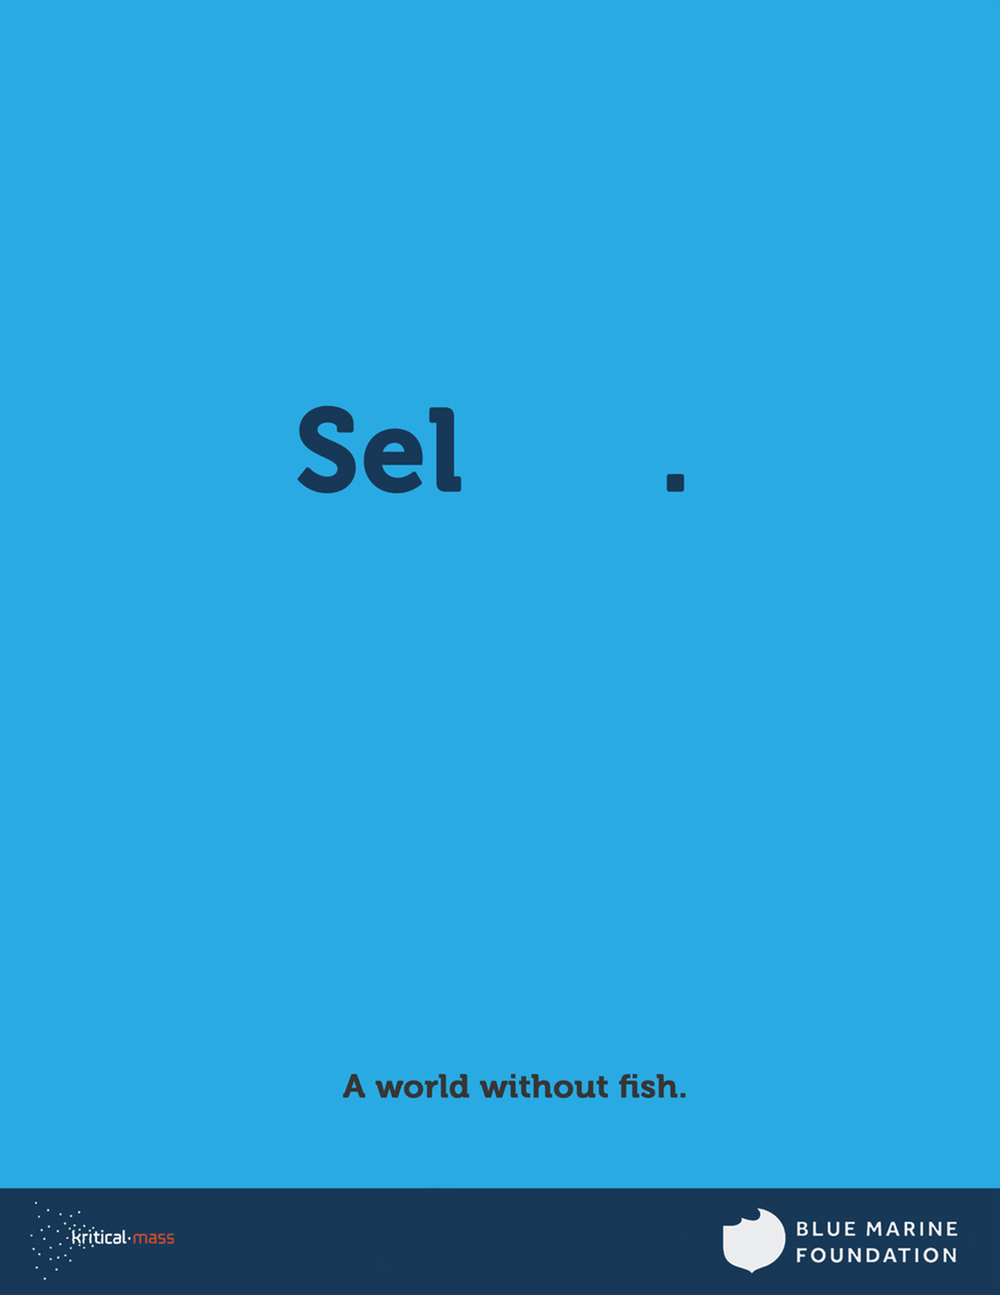 No fish.jpg